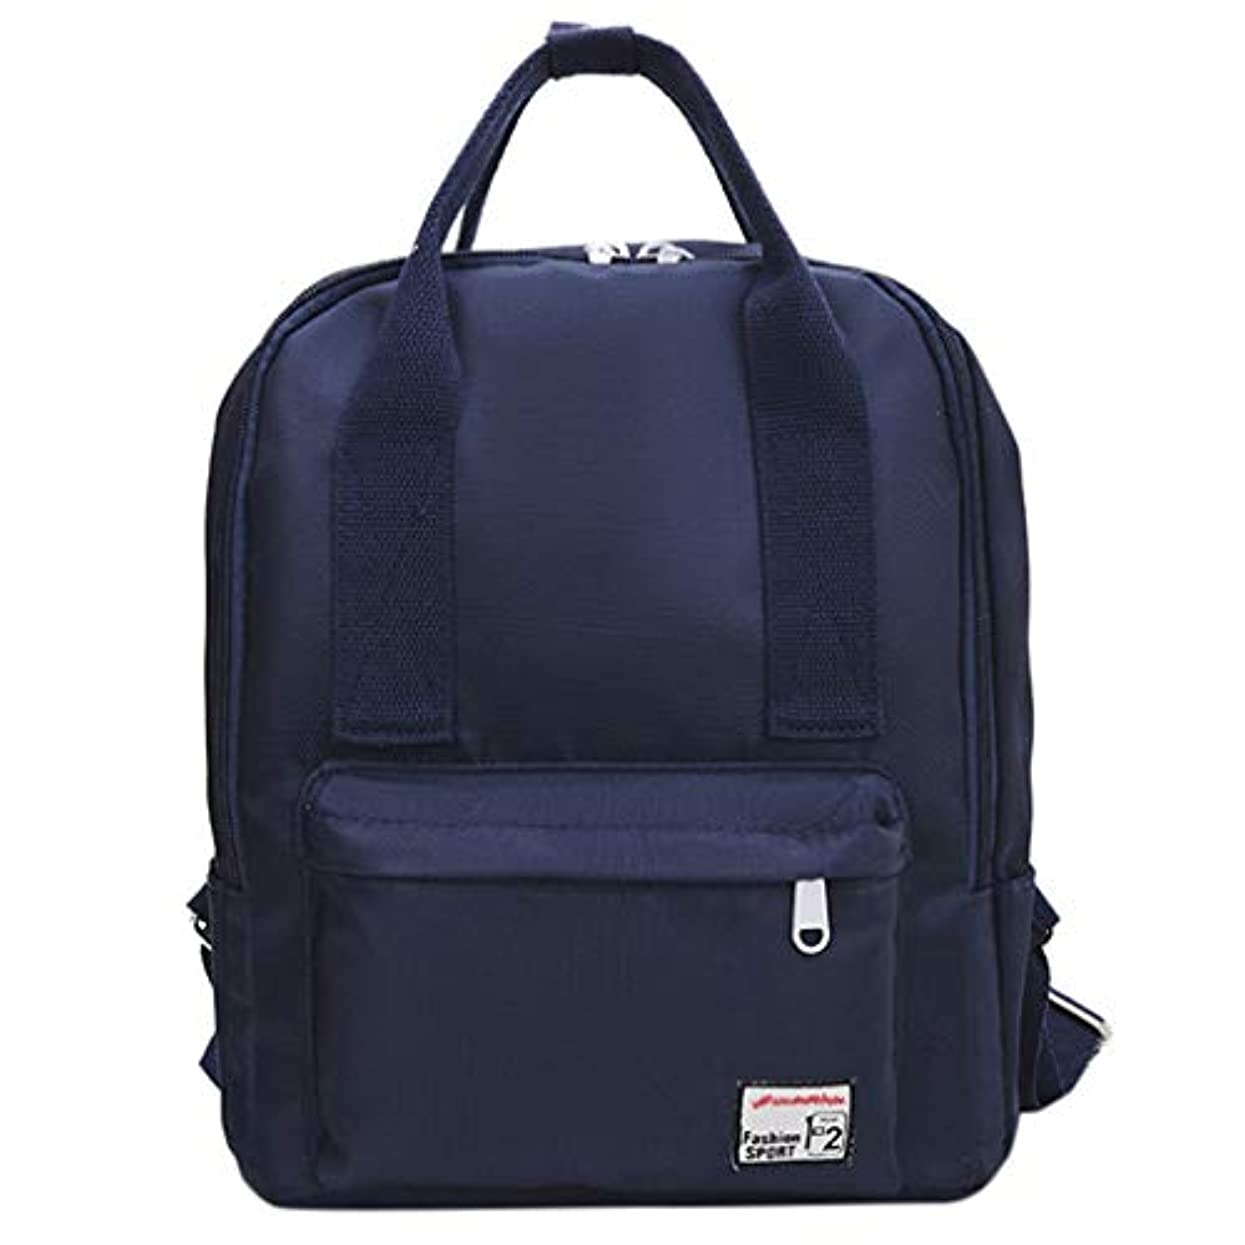 サスティーン優しさ模倣女の子屋外かわいいシンプルなナイロンバックパック、学生襟カラーアートバッグ屋外軽量旅行ポータブル耐久性のあるバックパック